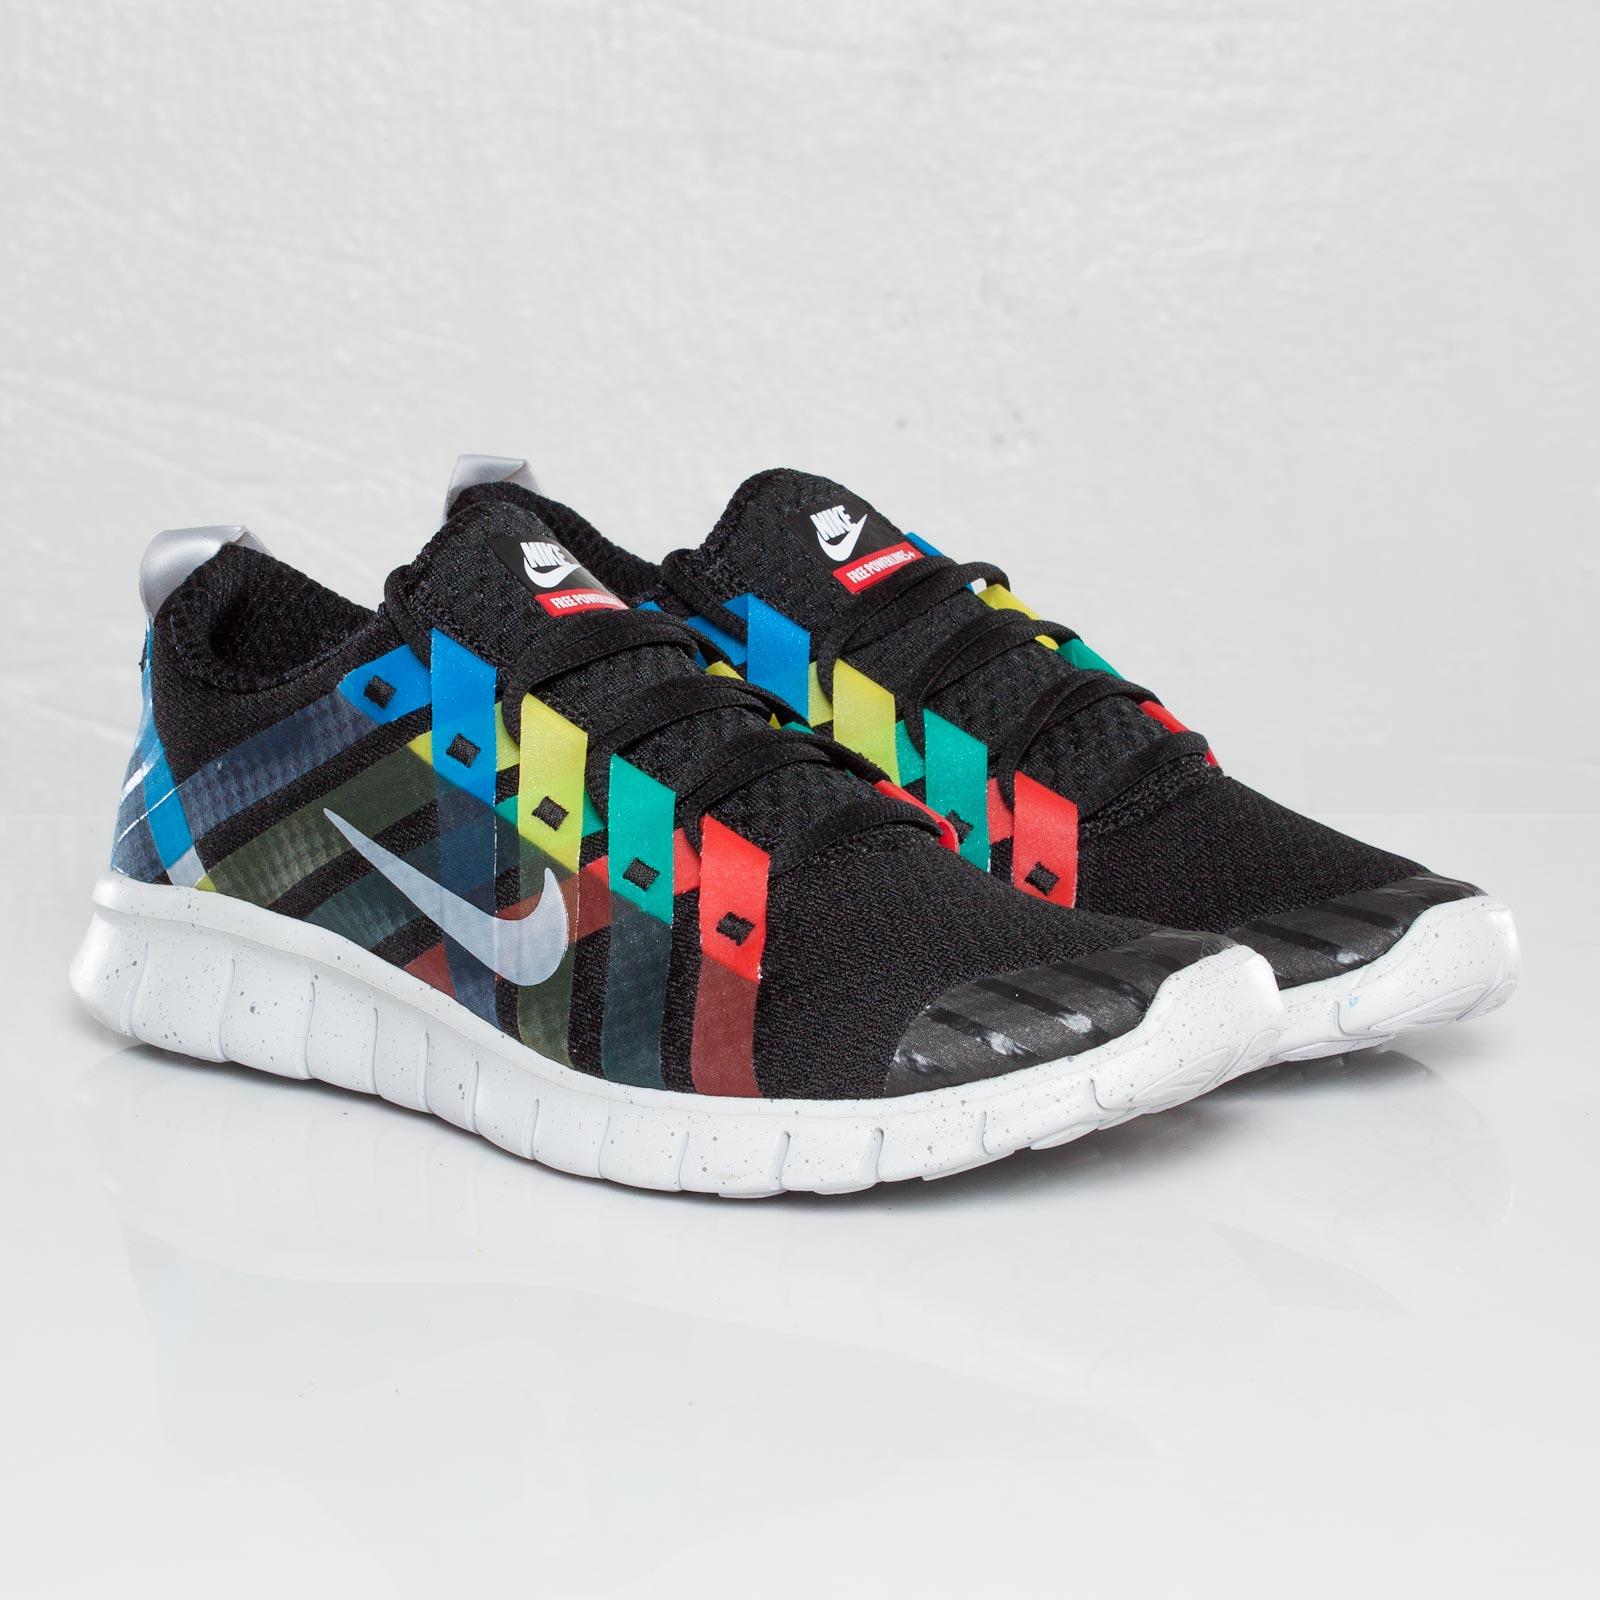 50ee6af48dc1 Nike Free Powerlines + NRG - 548179-015 - Sneakersnstuff